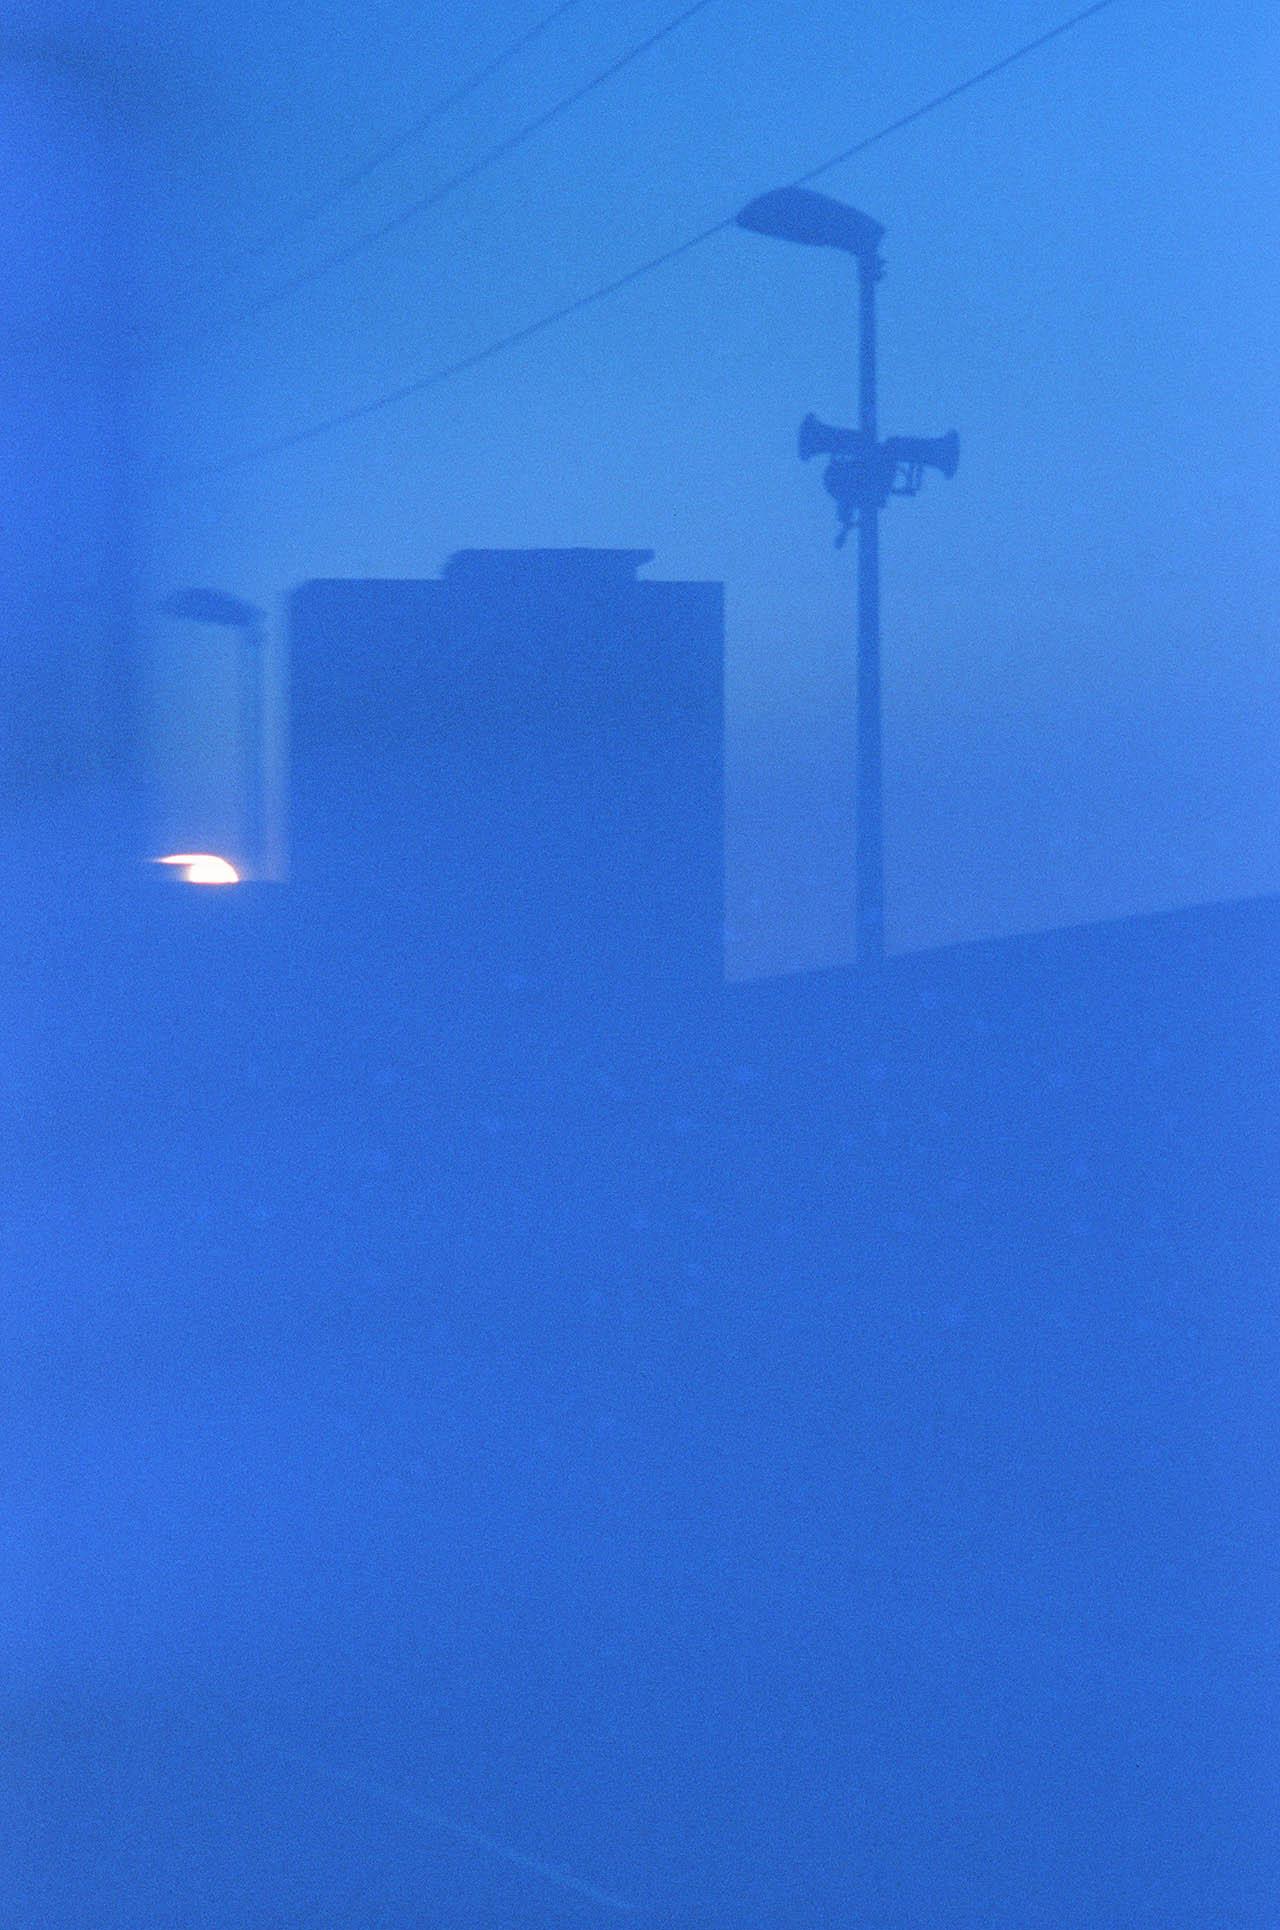 2607 Nuit Blue Train